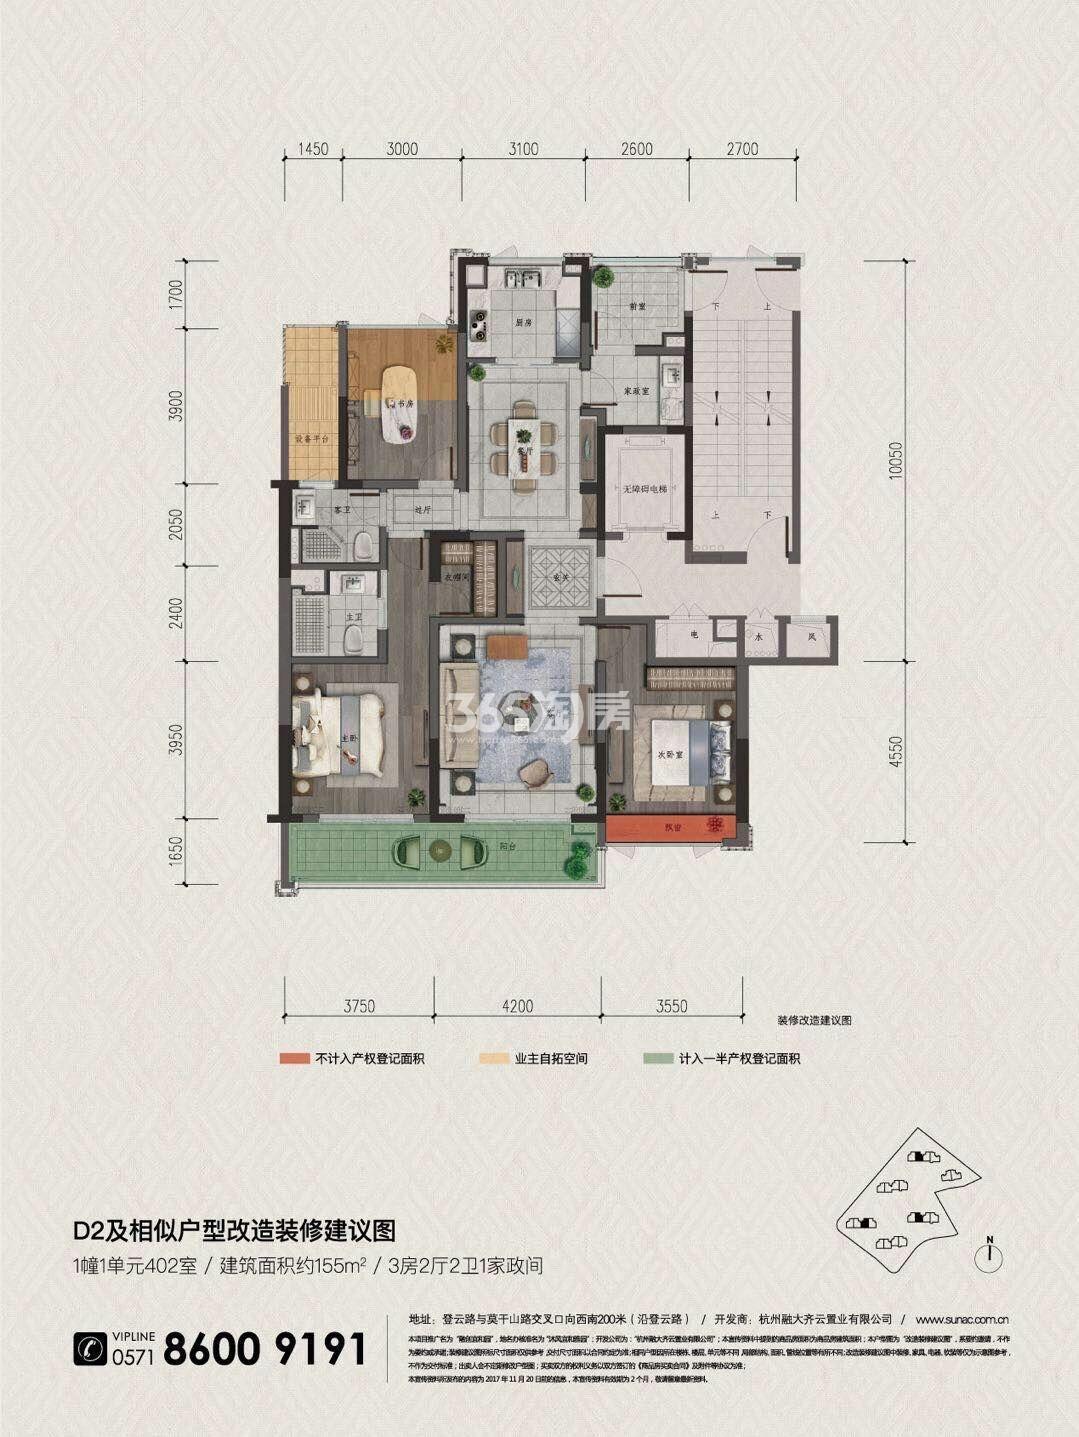 融创宜和园1、3、5号楼中间套D2户型 约155㎡